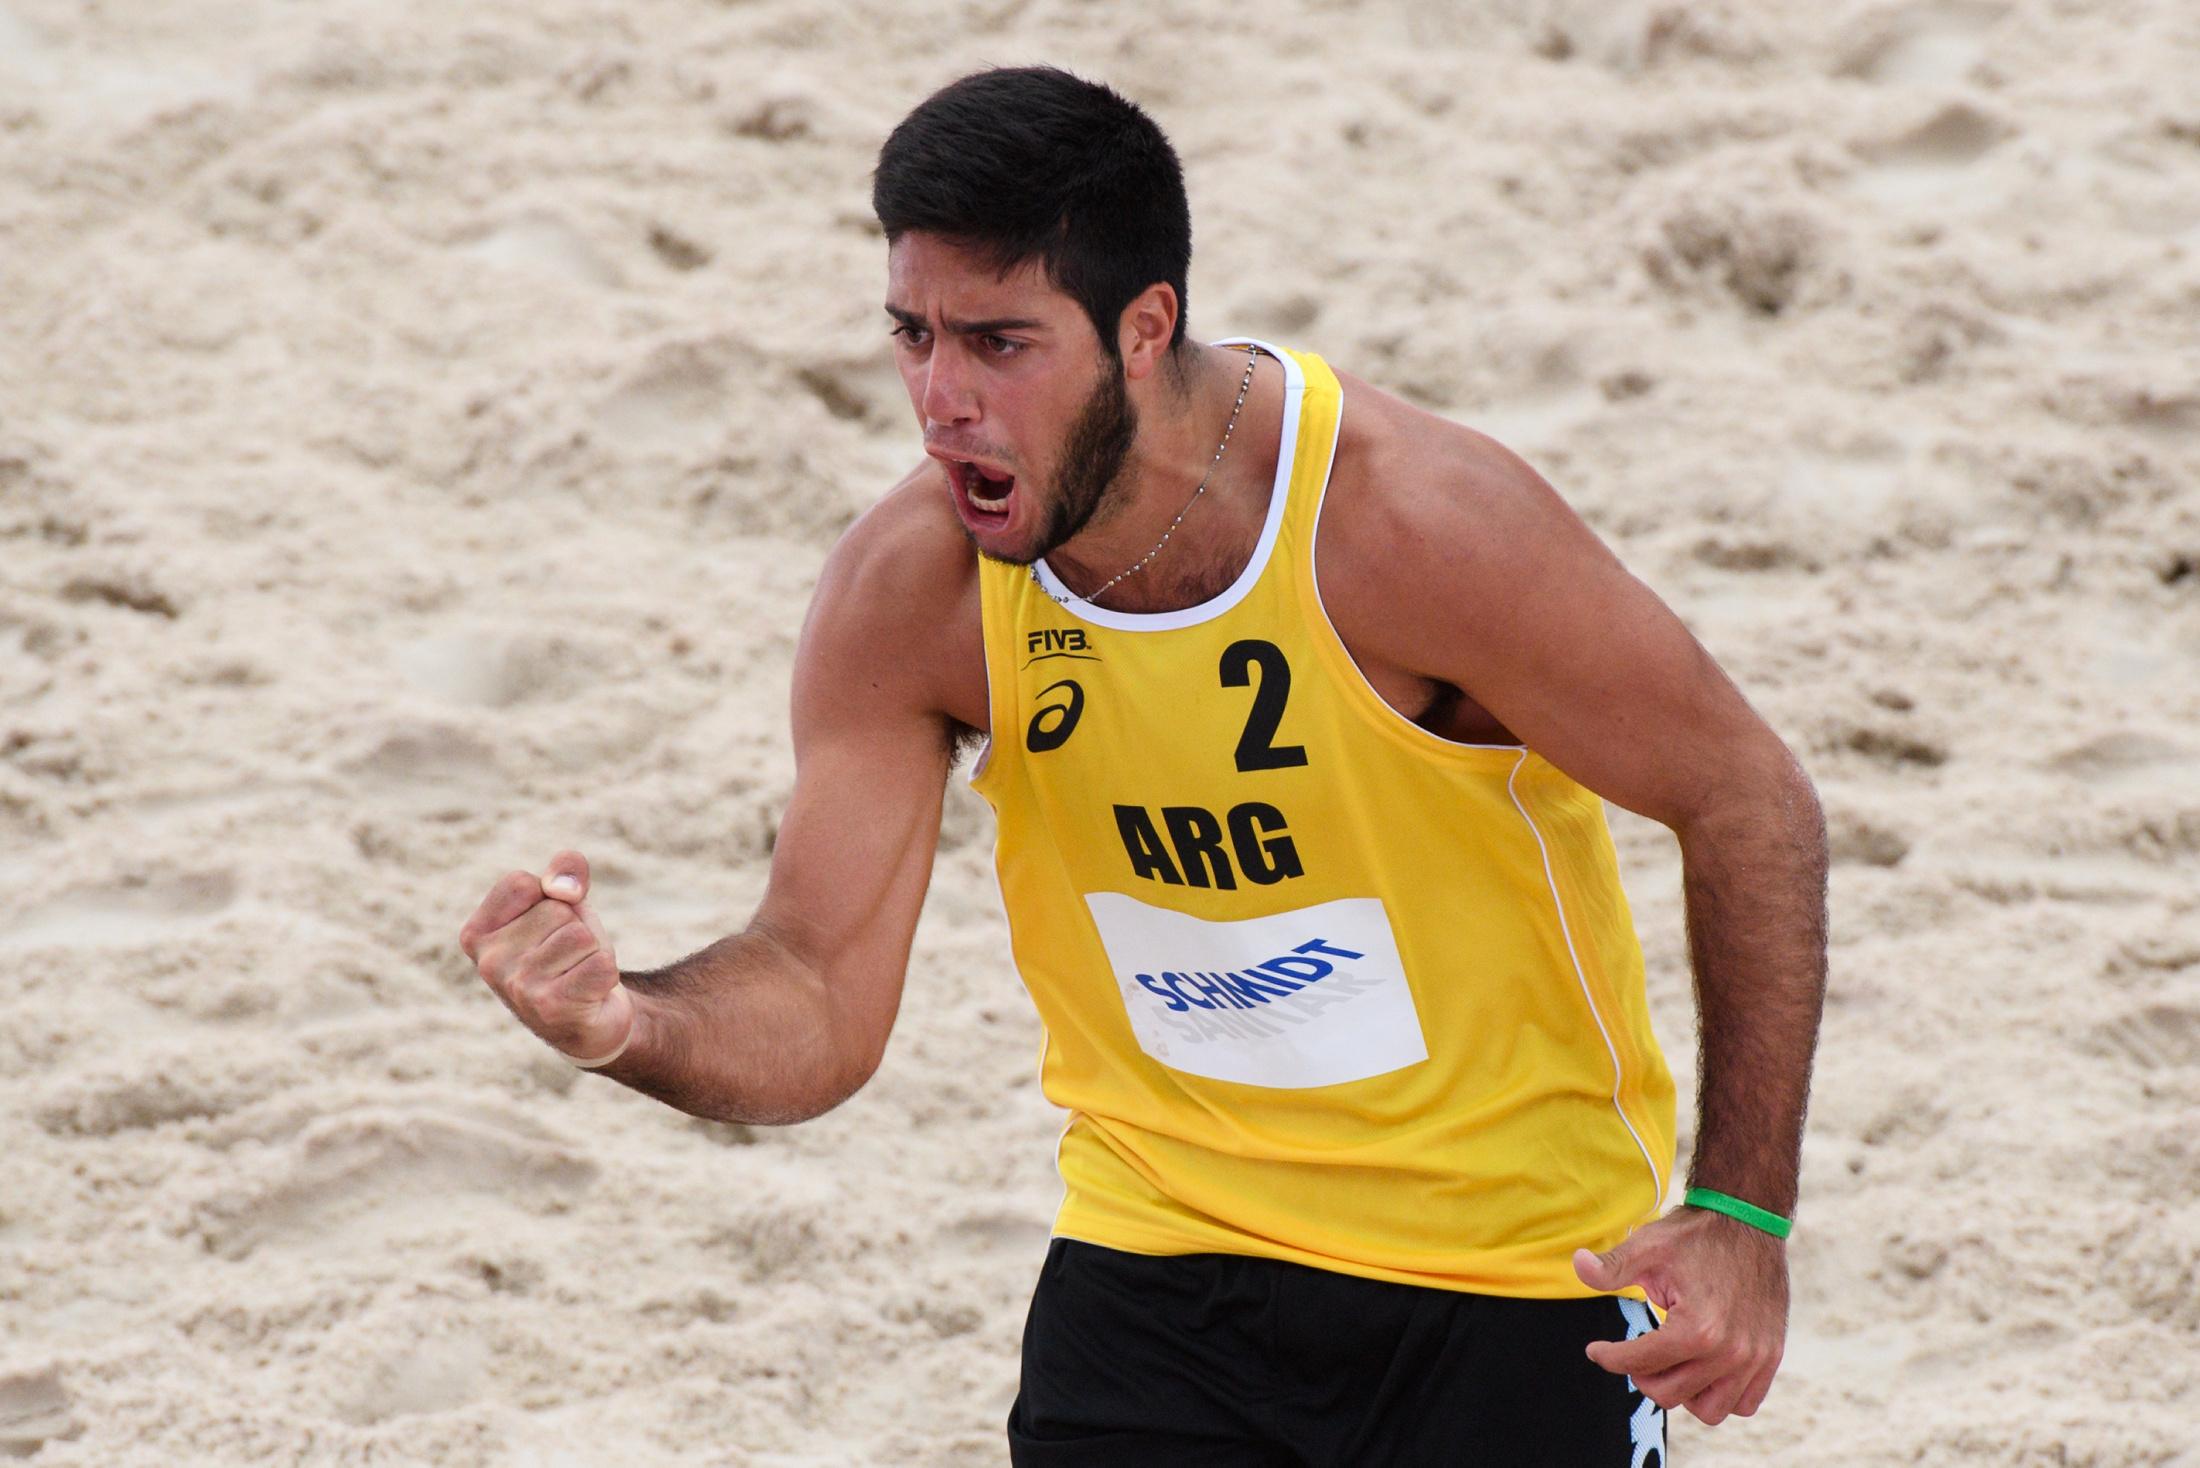 Santiago Aulisi celebrando uno de los puntos ante los franceses. (Foto: FIVB)